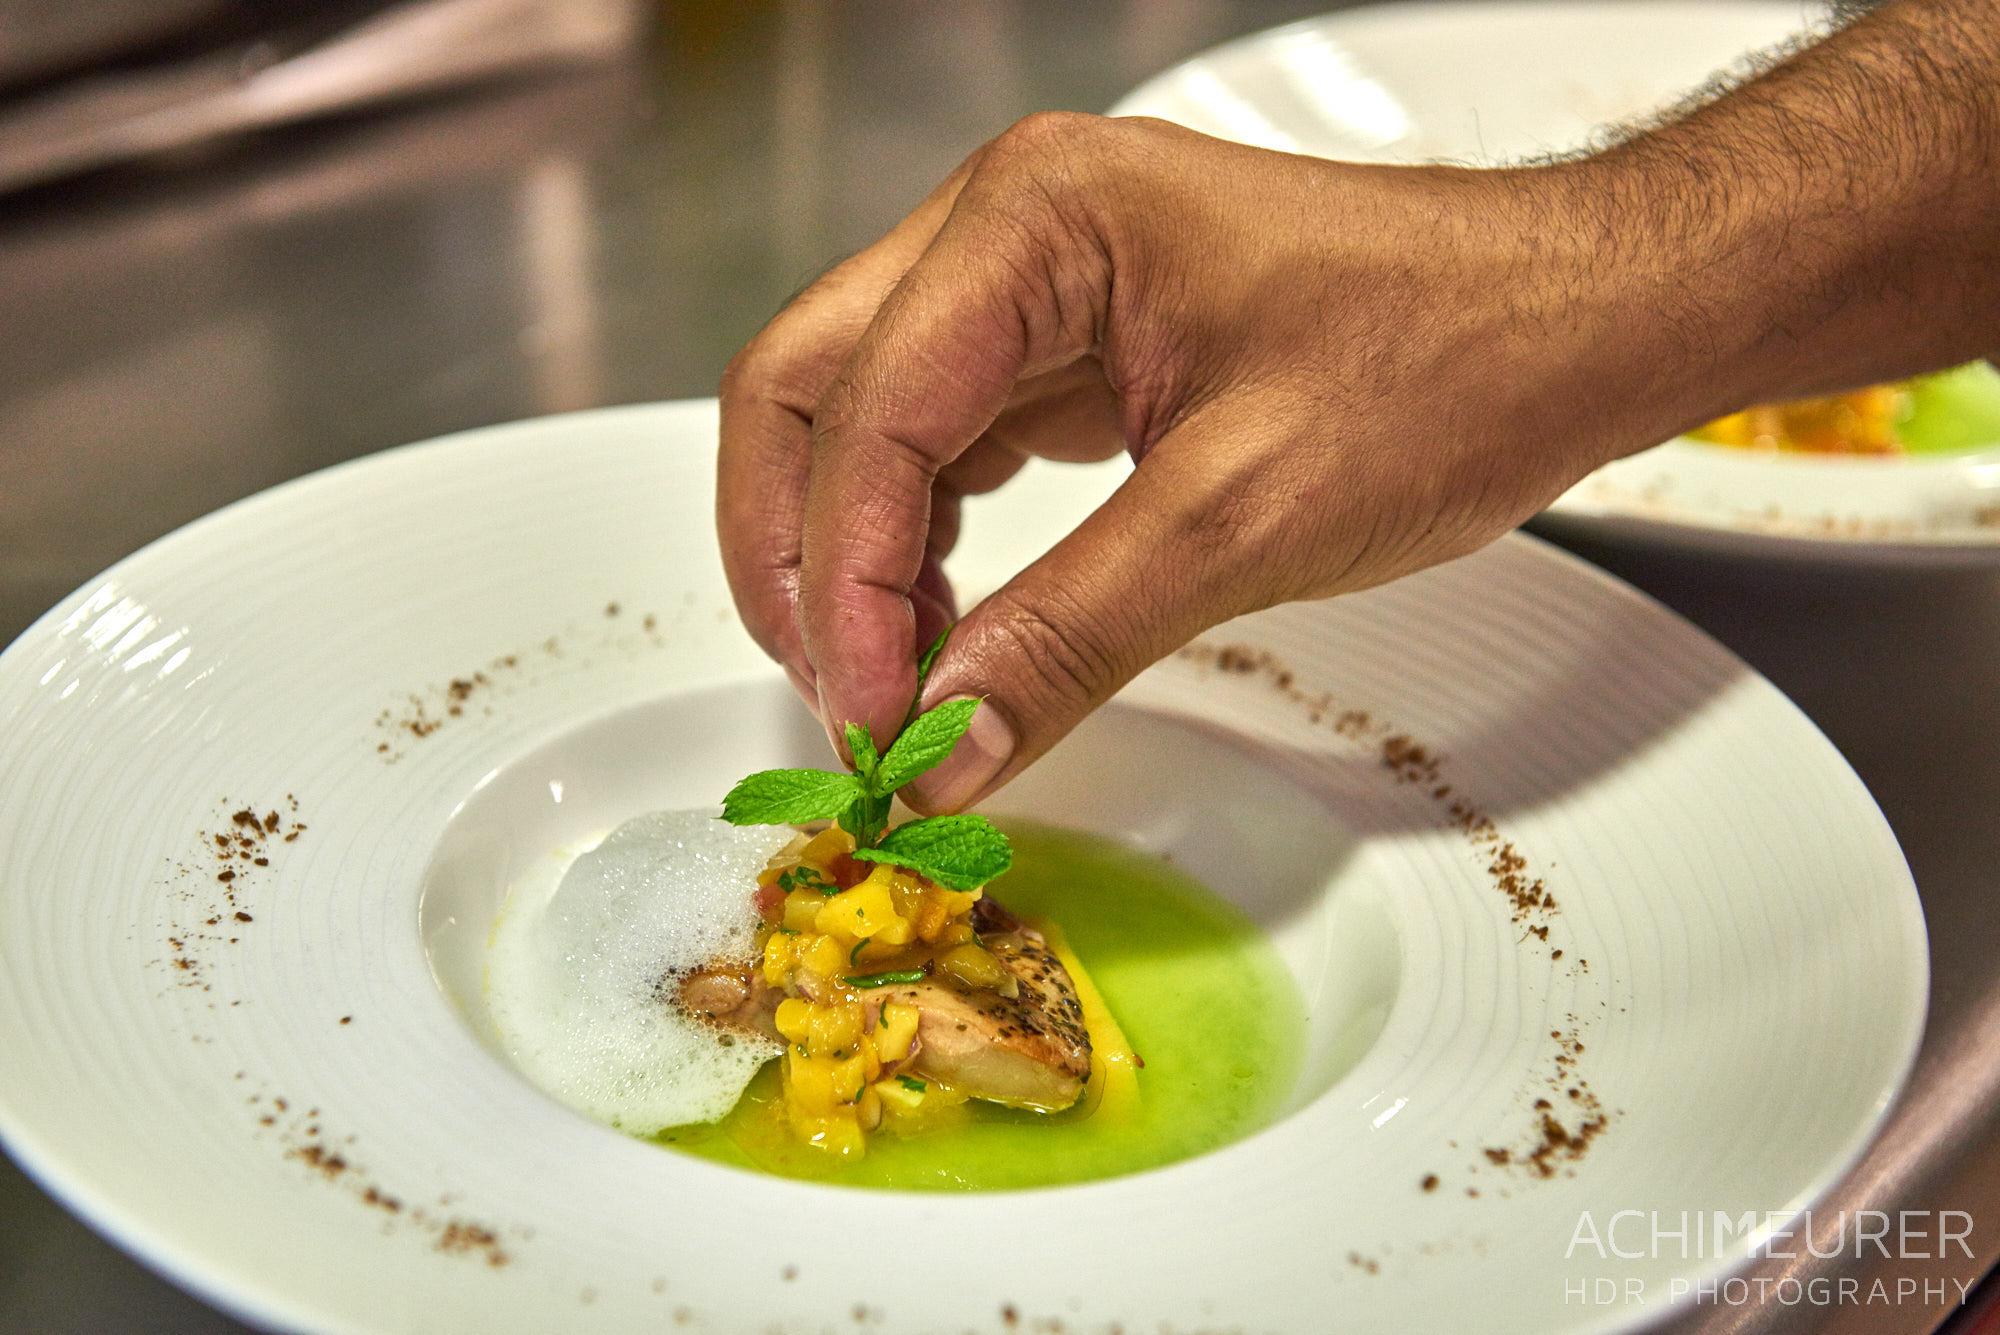 Der letzte Handgriff in der Küche für ein Essen by Array.